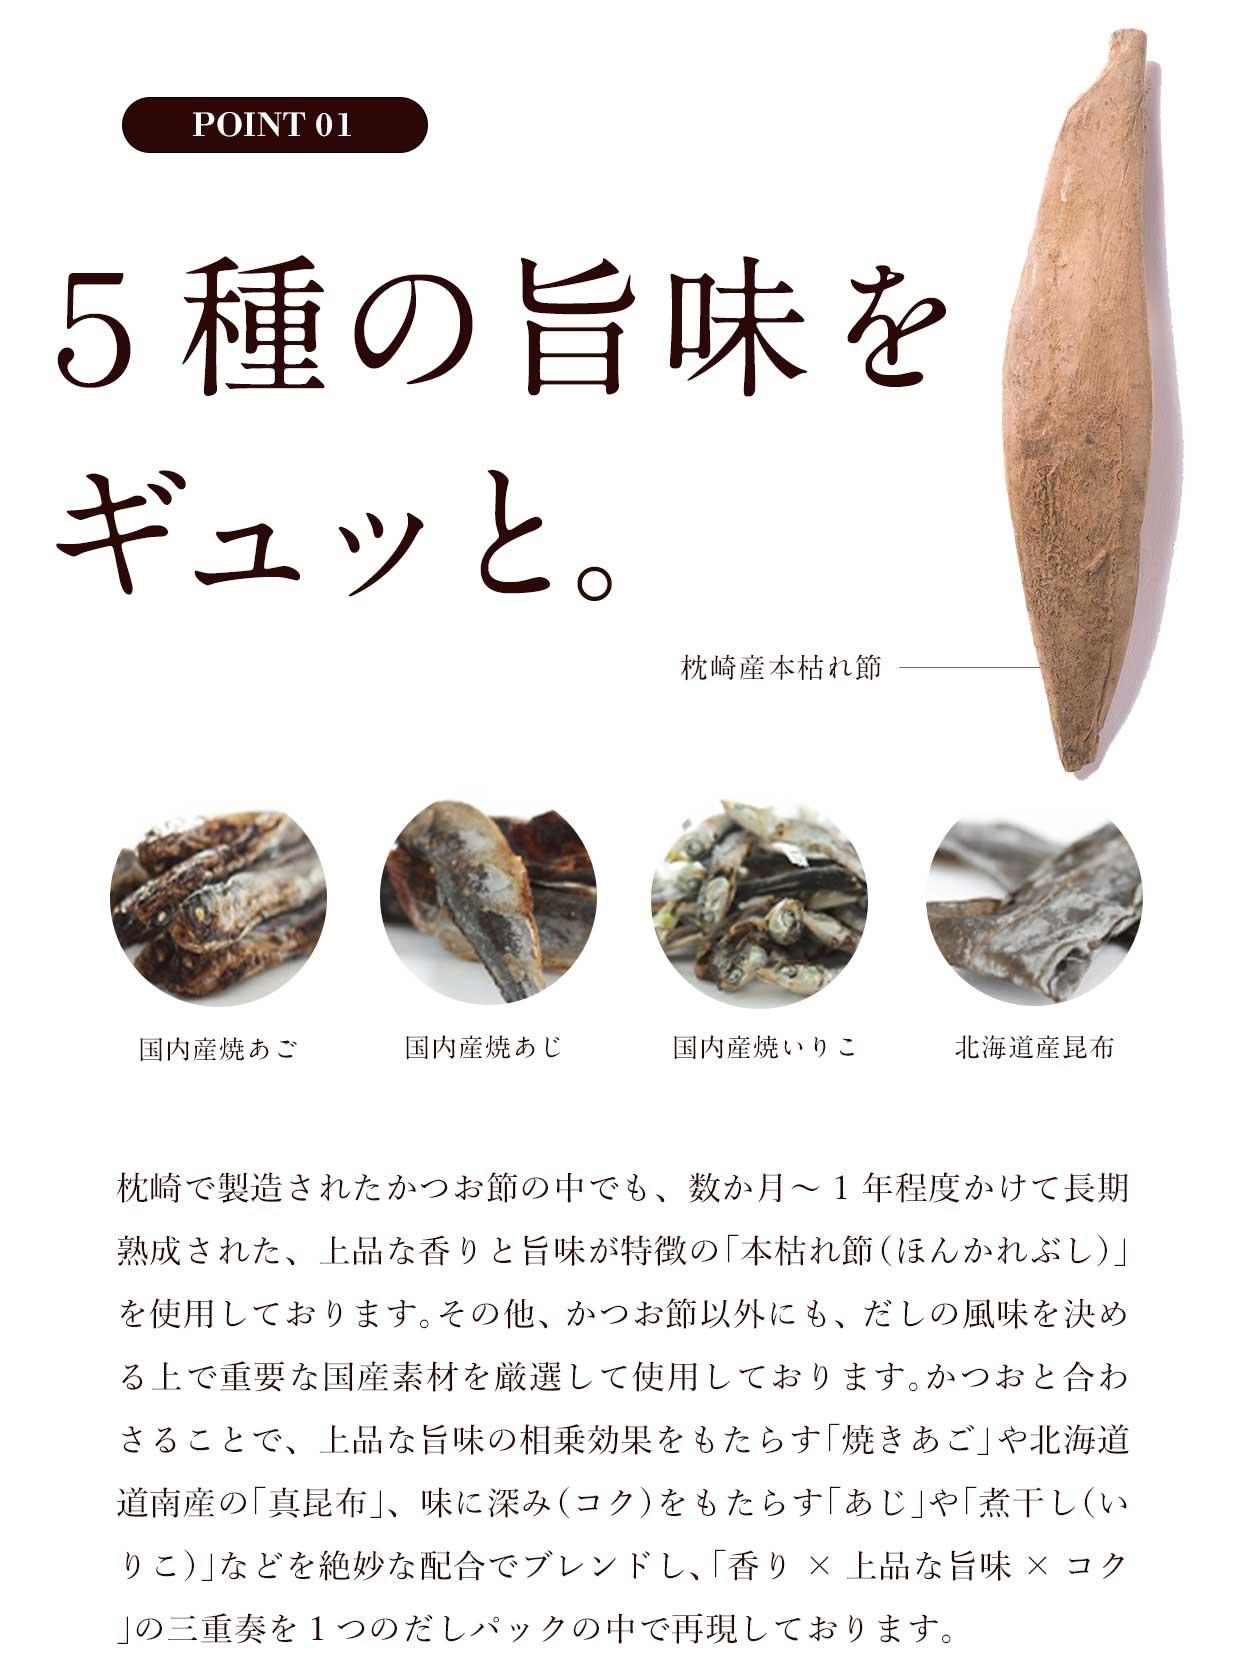 5種の旨味を ギュッと。枕崎で製造されたかつお節の中でも、数か月〜1年程度かけて長期熟成された、上品な香りと旨味が特徴の「本枯れ節(ほんかれぶし)」を使用しております。その他、かつお節以外にも、だしの風味を決める上で重要な国産素材を厳選して使用しております。かつおと合わさることで、上品な旨味の相乗効果をもたらす「焼きあご」や北海道道南産の「真昆布」、味に深み(コク)をもたらす「あじ」や「煮干し(いりこ)」などを絶妙な配合でブレンドし、「香り×上品な旨味×コク」の三重奏を1つのだしパックの中で再現しております。